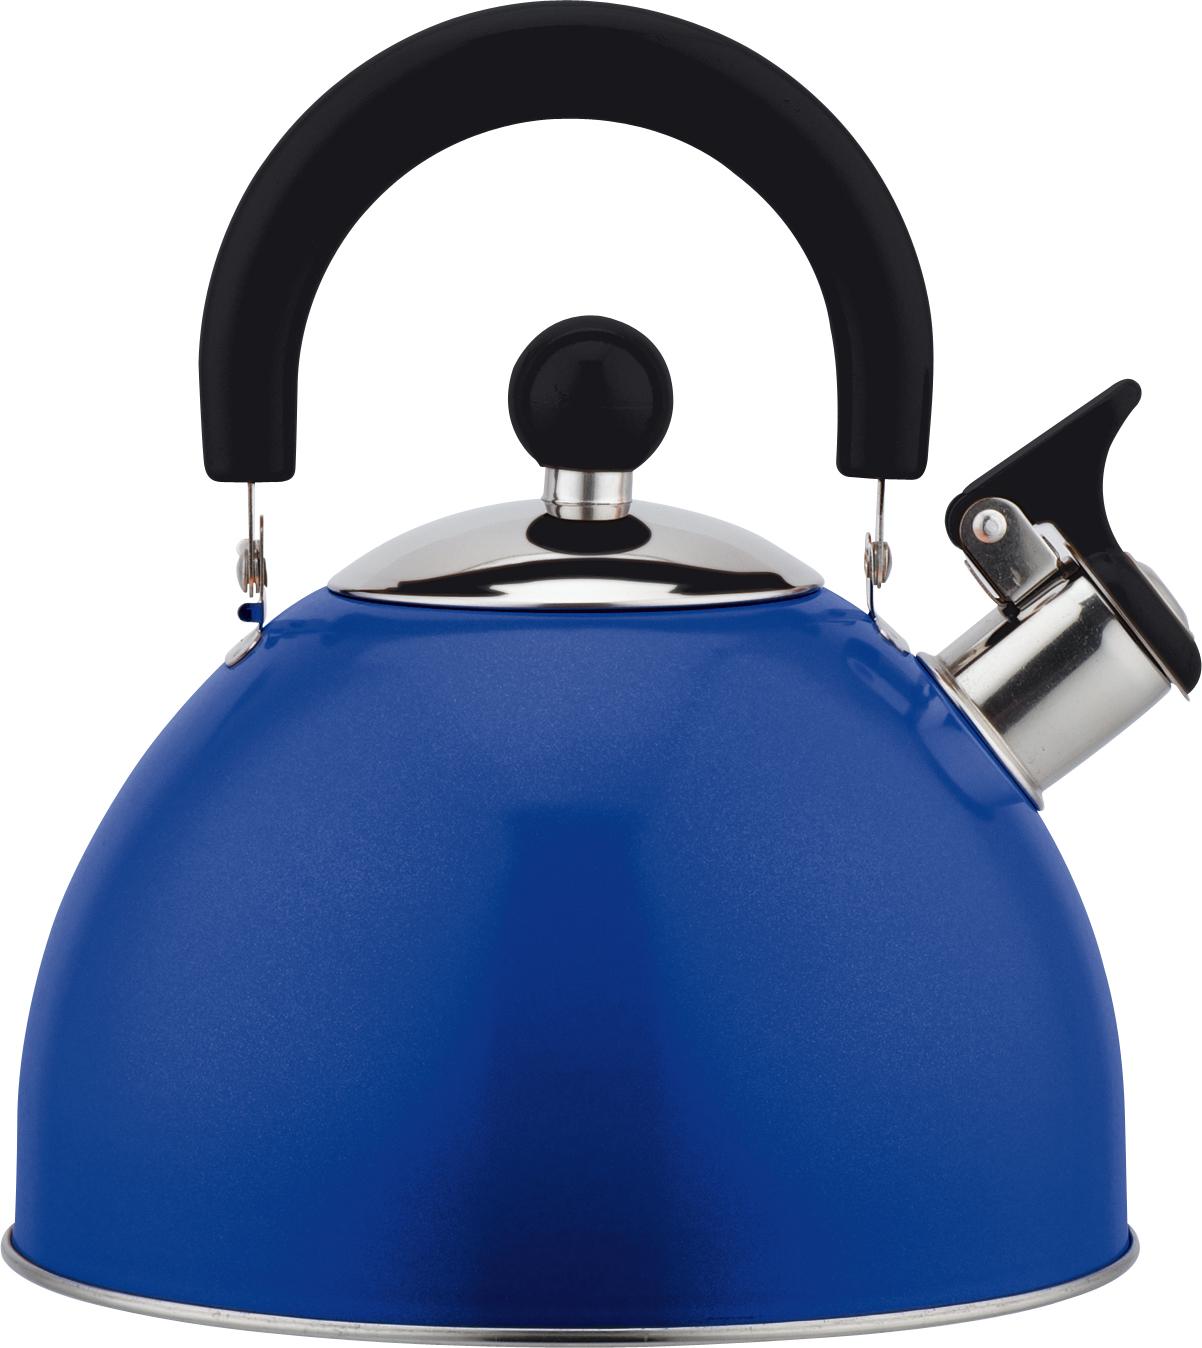 Чайник Bekker, 2 л. BK-S5791155102л со свистком, ручка нейлон подвижная, крышка из нержавеющей стали, дно капсульное, стенка 0,3мм. Состав: нержавеющая сталь.